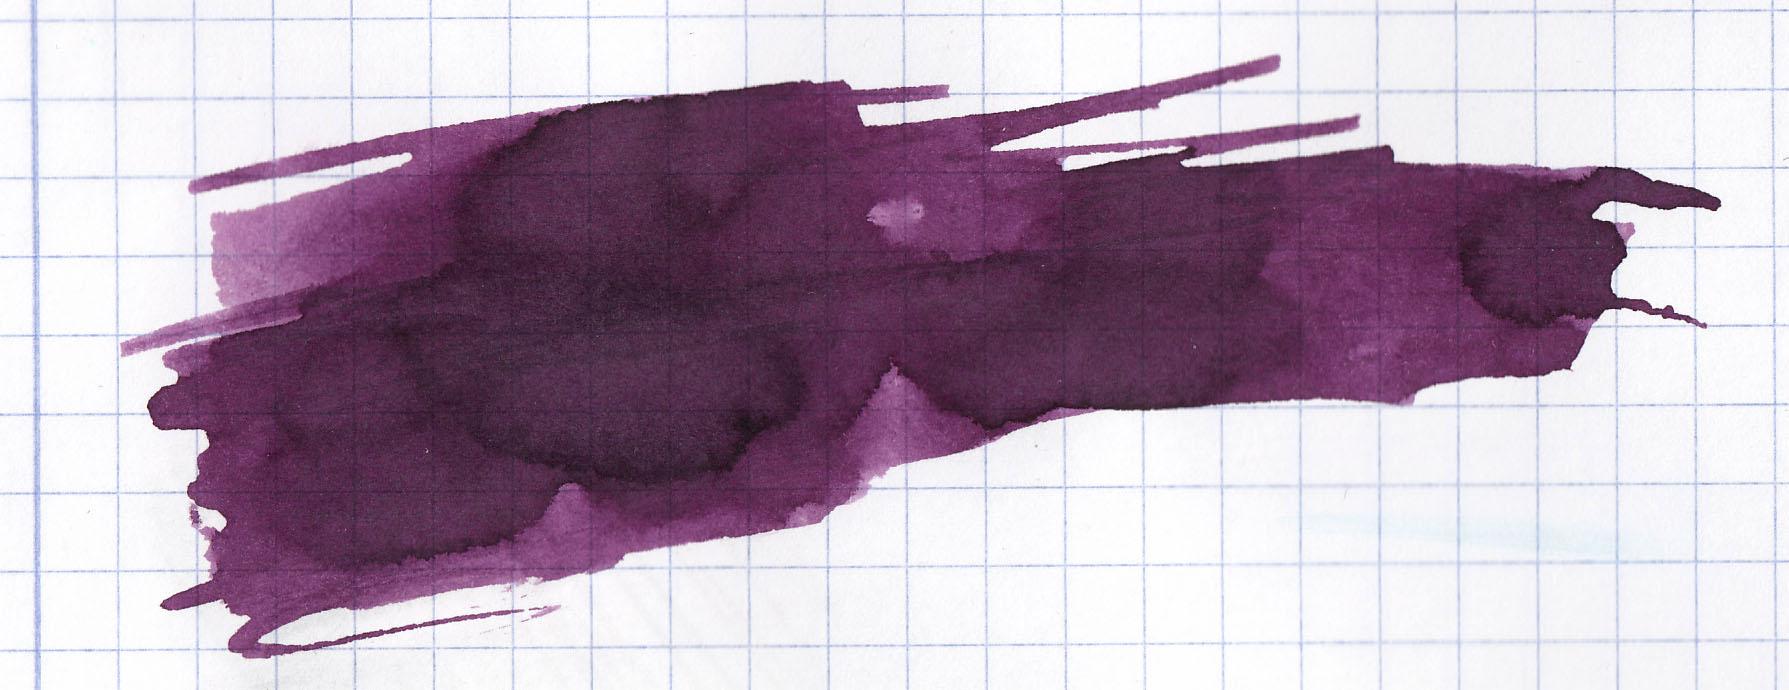 fpn_1464507488__lavender_ox_2.jpg